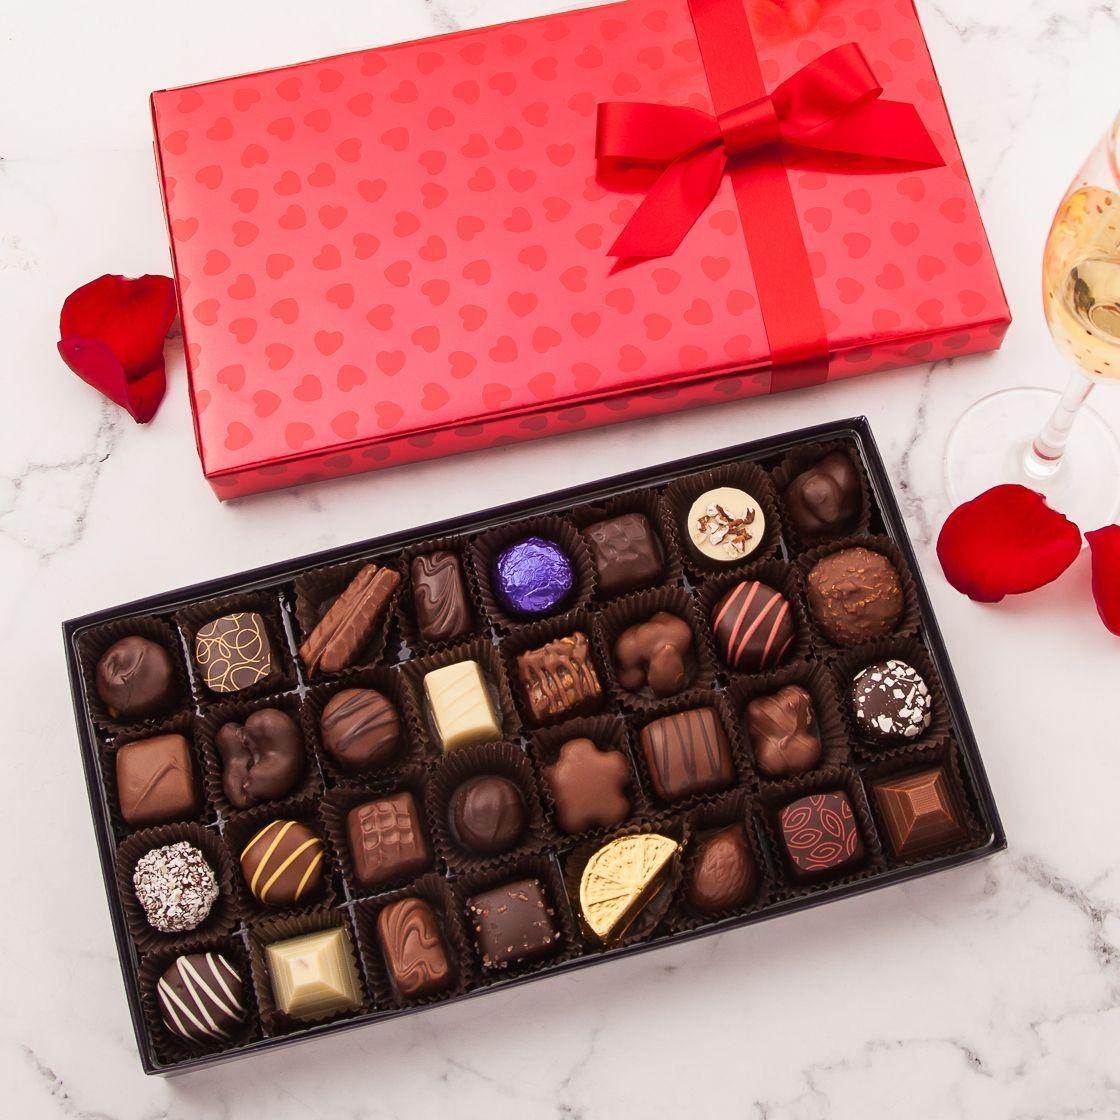 Bonbons au chocolat comme cadeau de Saint-Valentin.